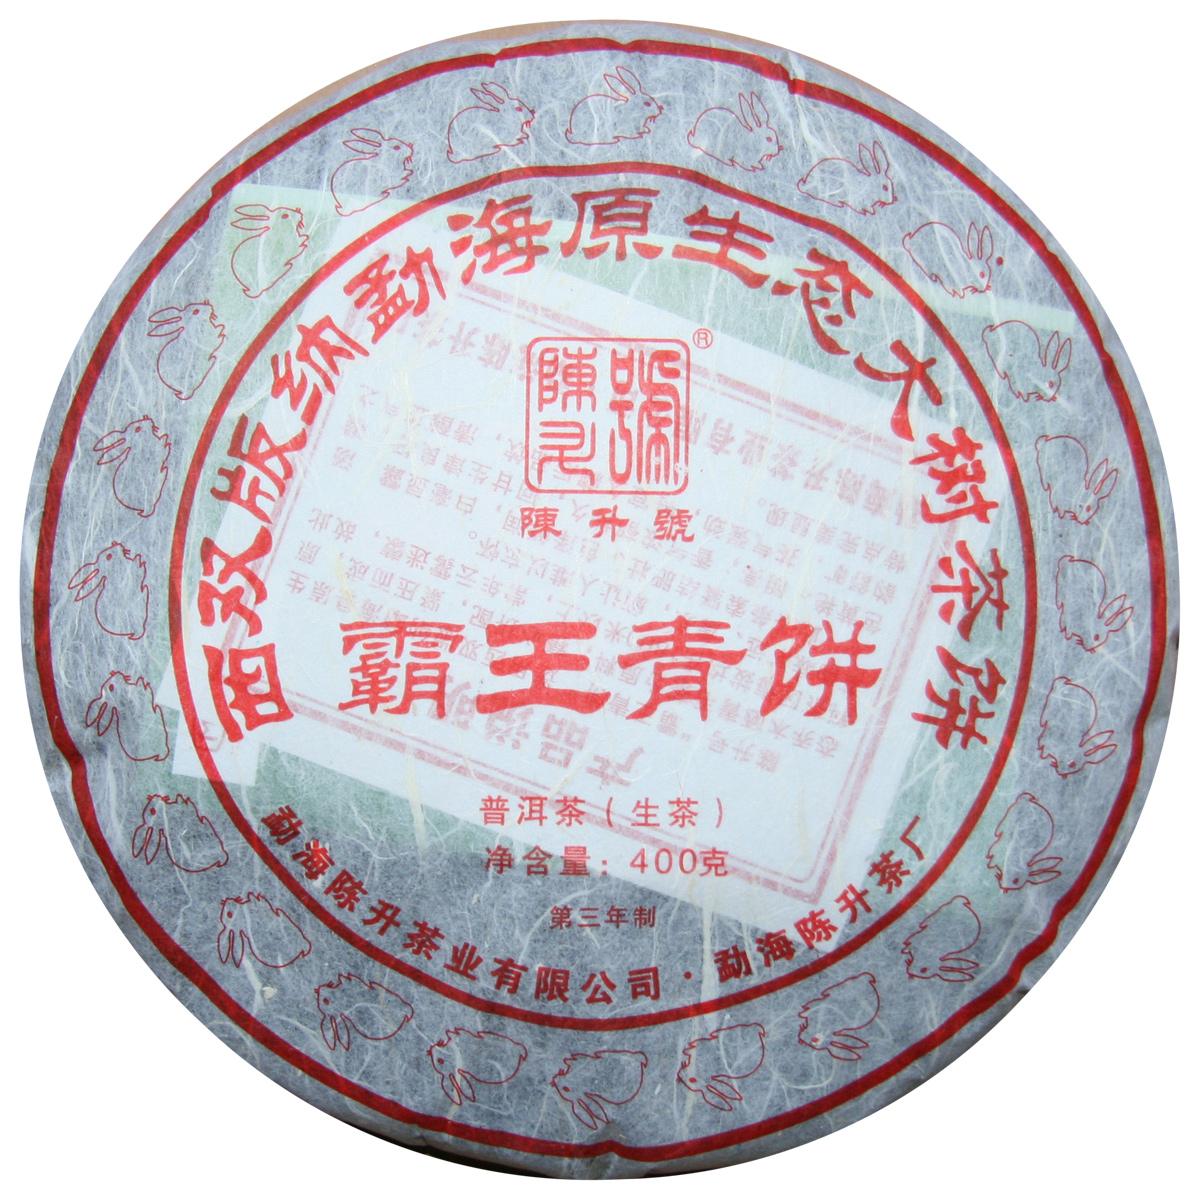 陈升号普洱茶霸王青饼400克生茶2011年